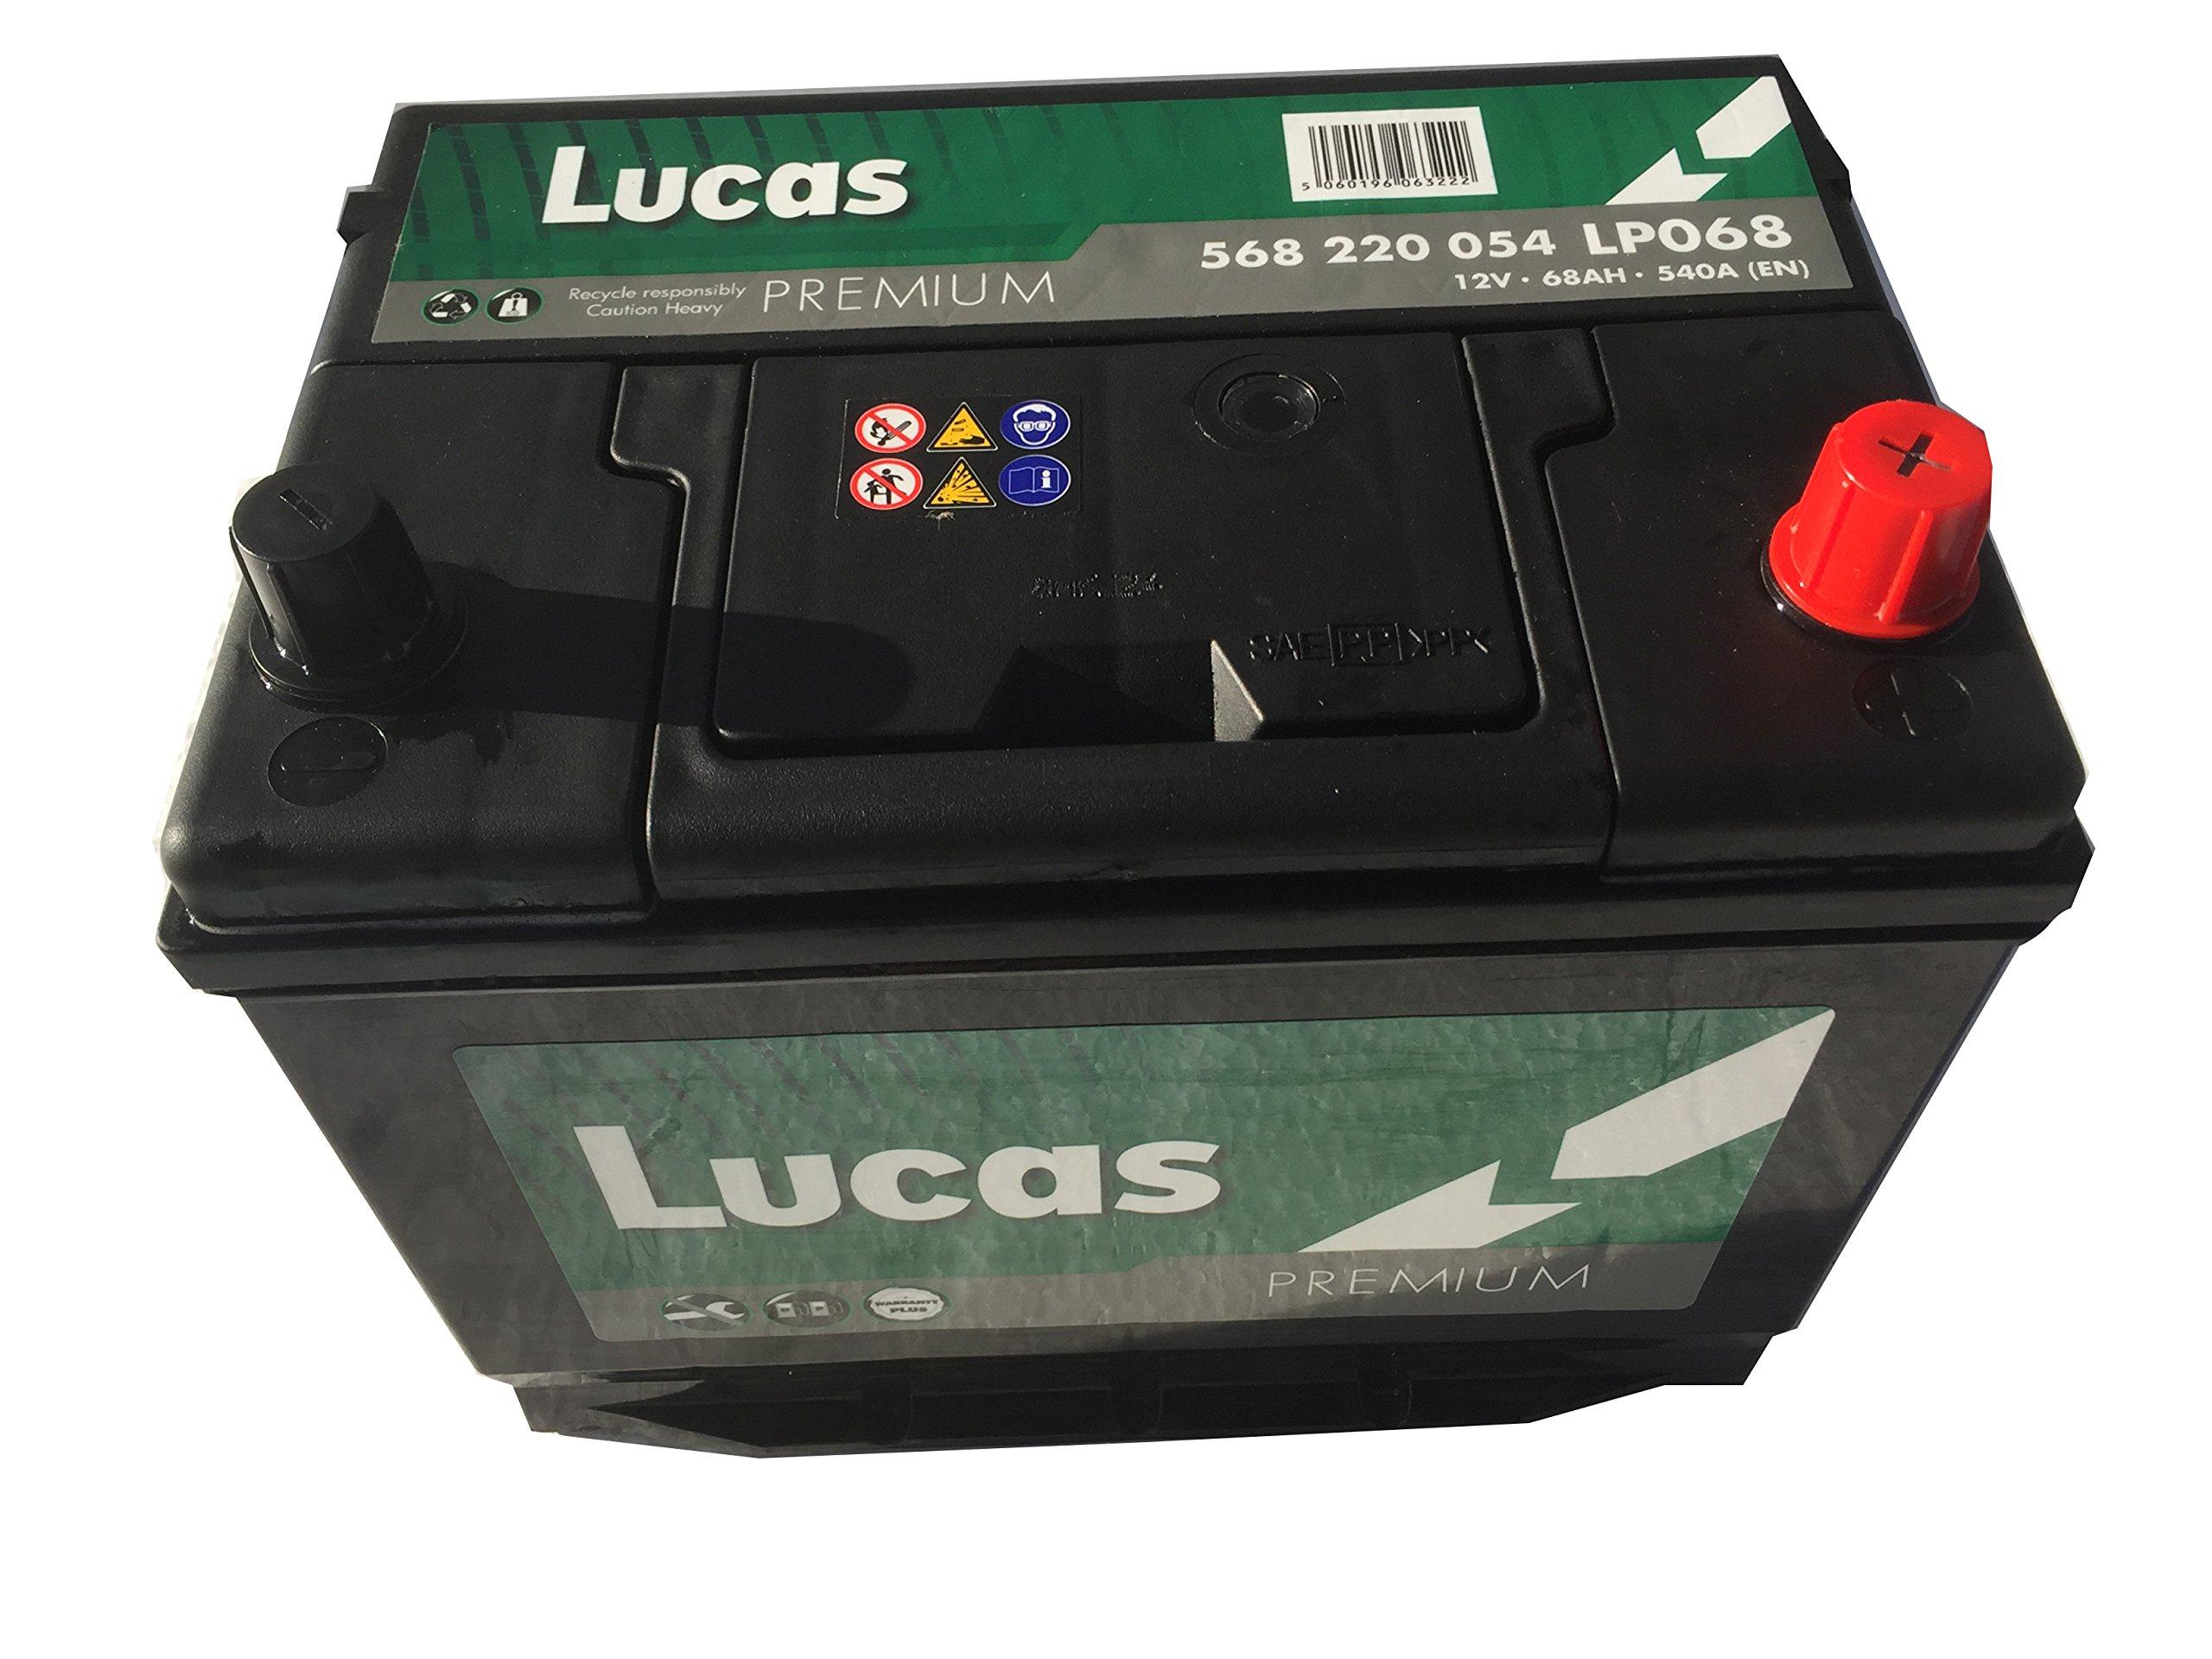 Lucas Premium Lp068 Car Battery, 12V, 68Ah, 540 Amps (En).